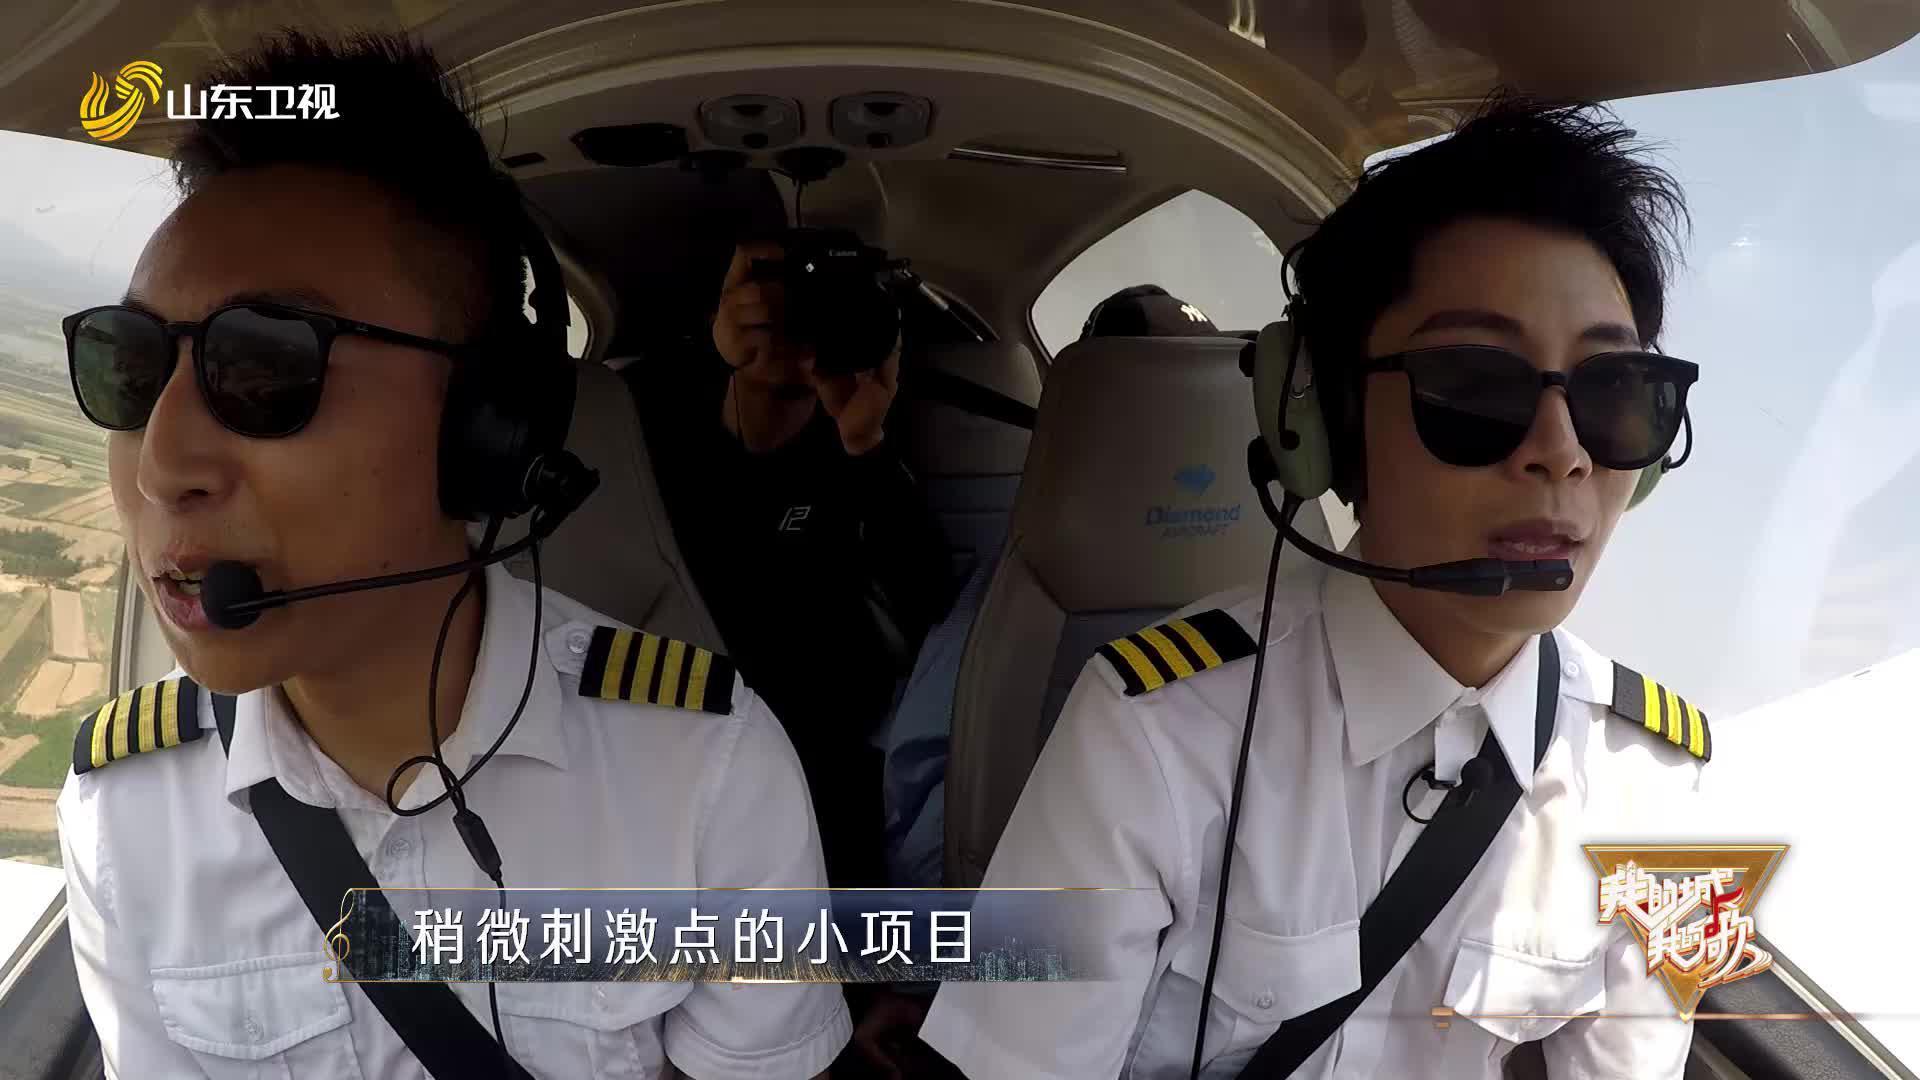 《我的城 我的歌》主持人王晓龙体验飞行操作